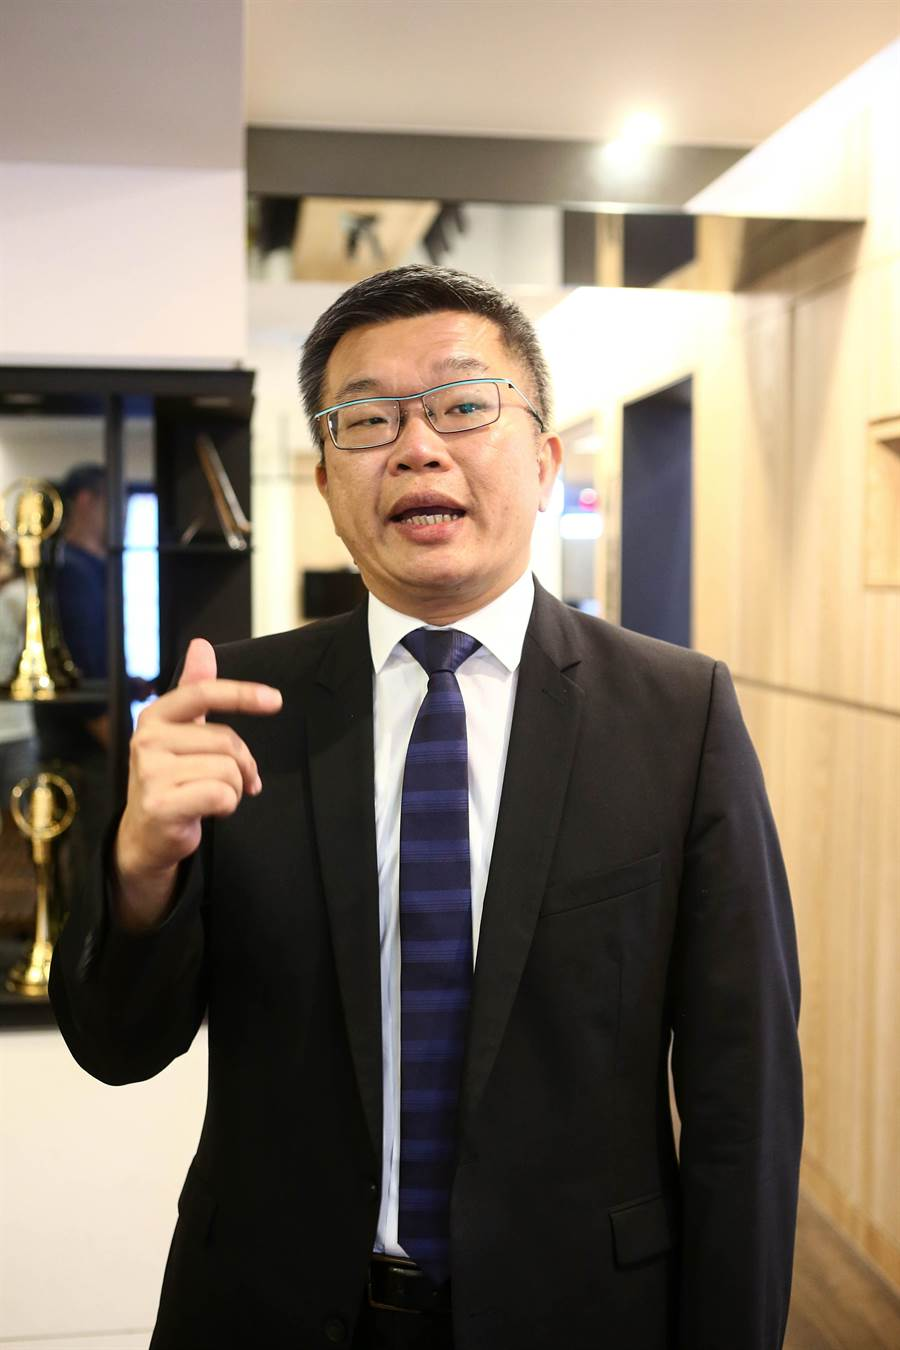 立法院副院長蔡其昌認為,陳柏惟對上顏寬恆是相當艱困的選戰,但年輕人就是要挑戰困難,他還是很看好陳柏惟。(鄧博仁攝)